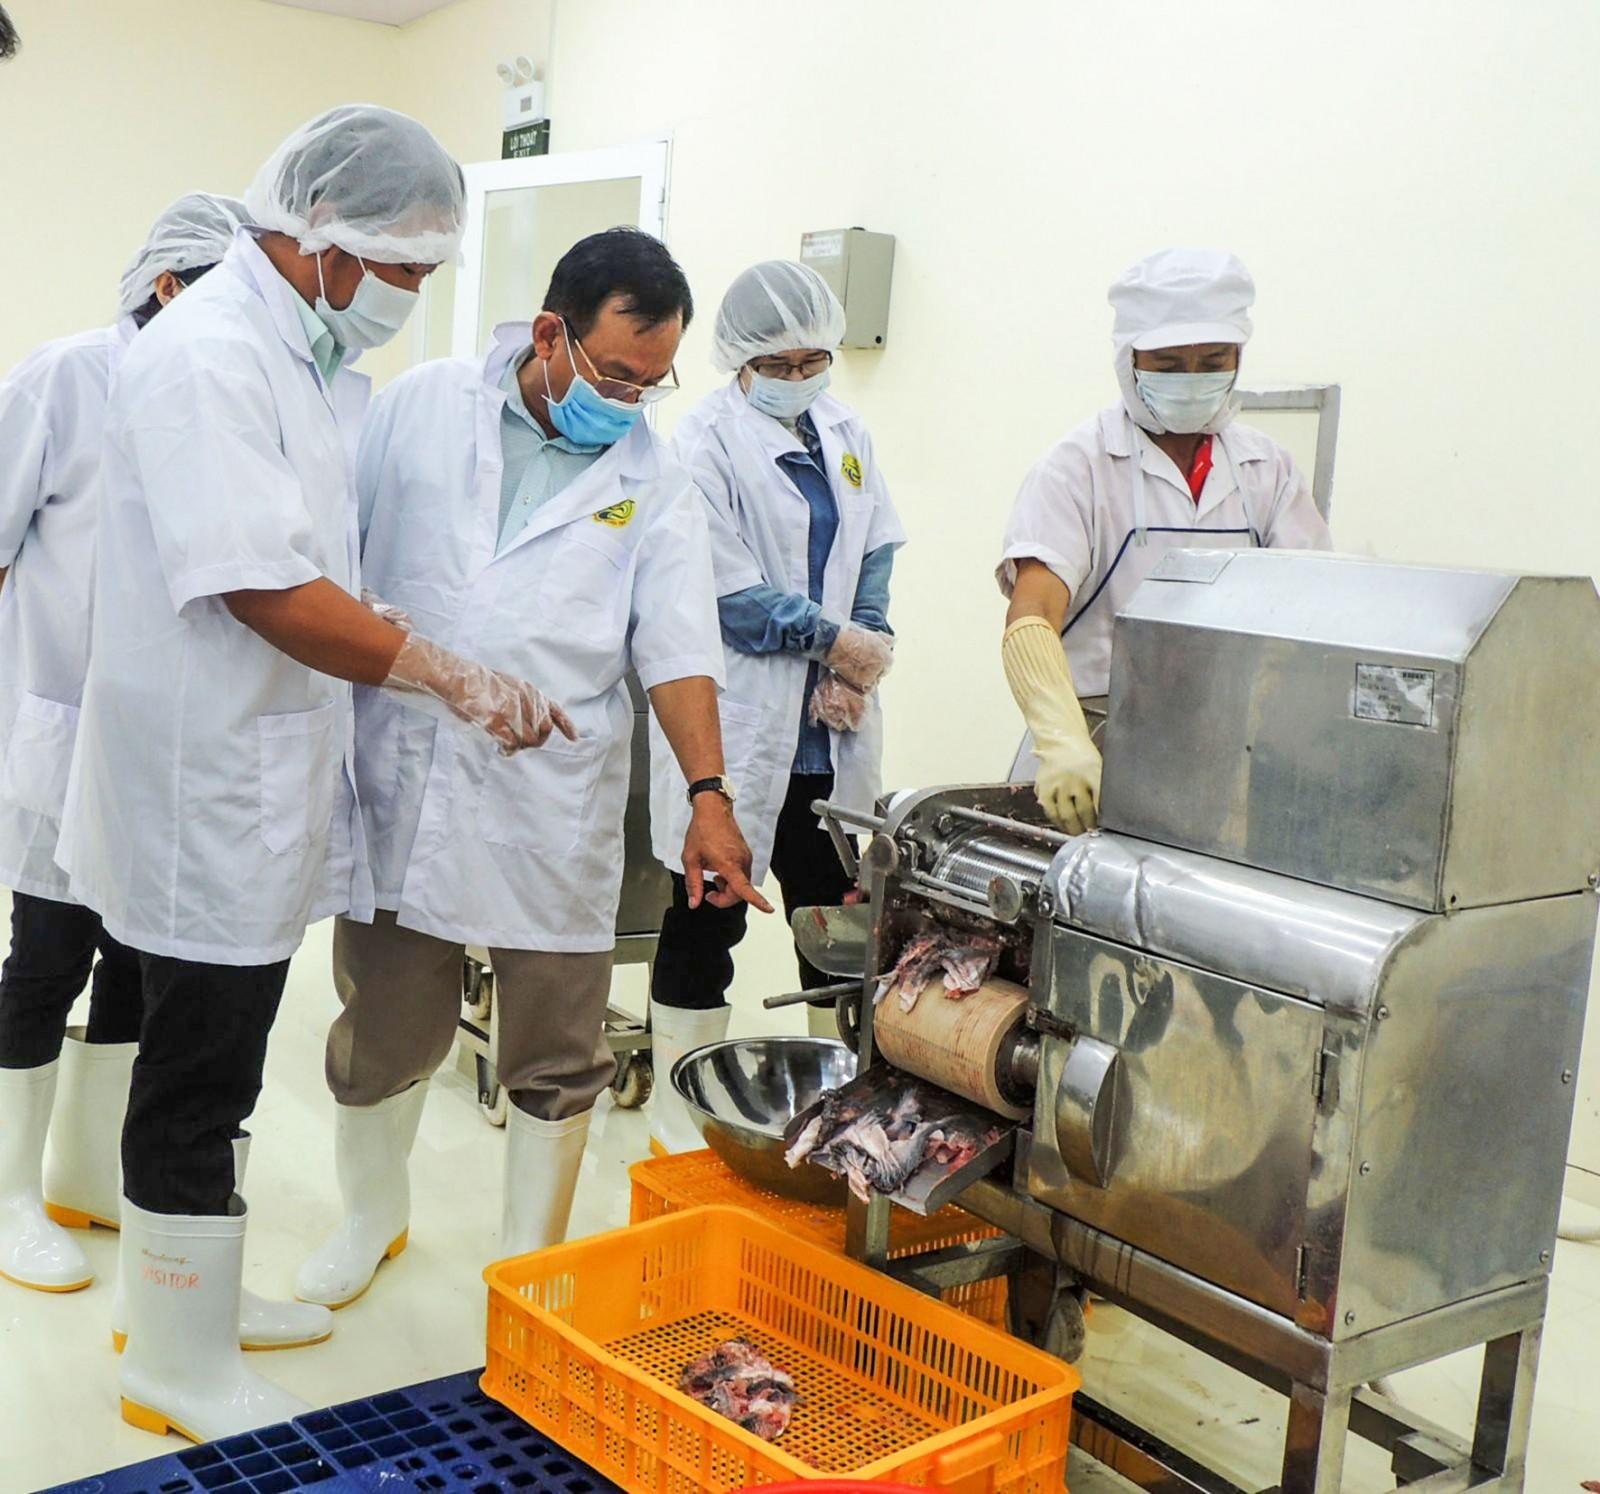 Ứng dụng máy móc hiện đại vào sản xuất, chế biến cá thát lát tại  Công ty Cổ phần Thực phẩm Phạm Nghĩa, quận Cái Răng. Ảnh: QUẾ LIM